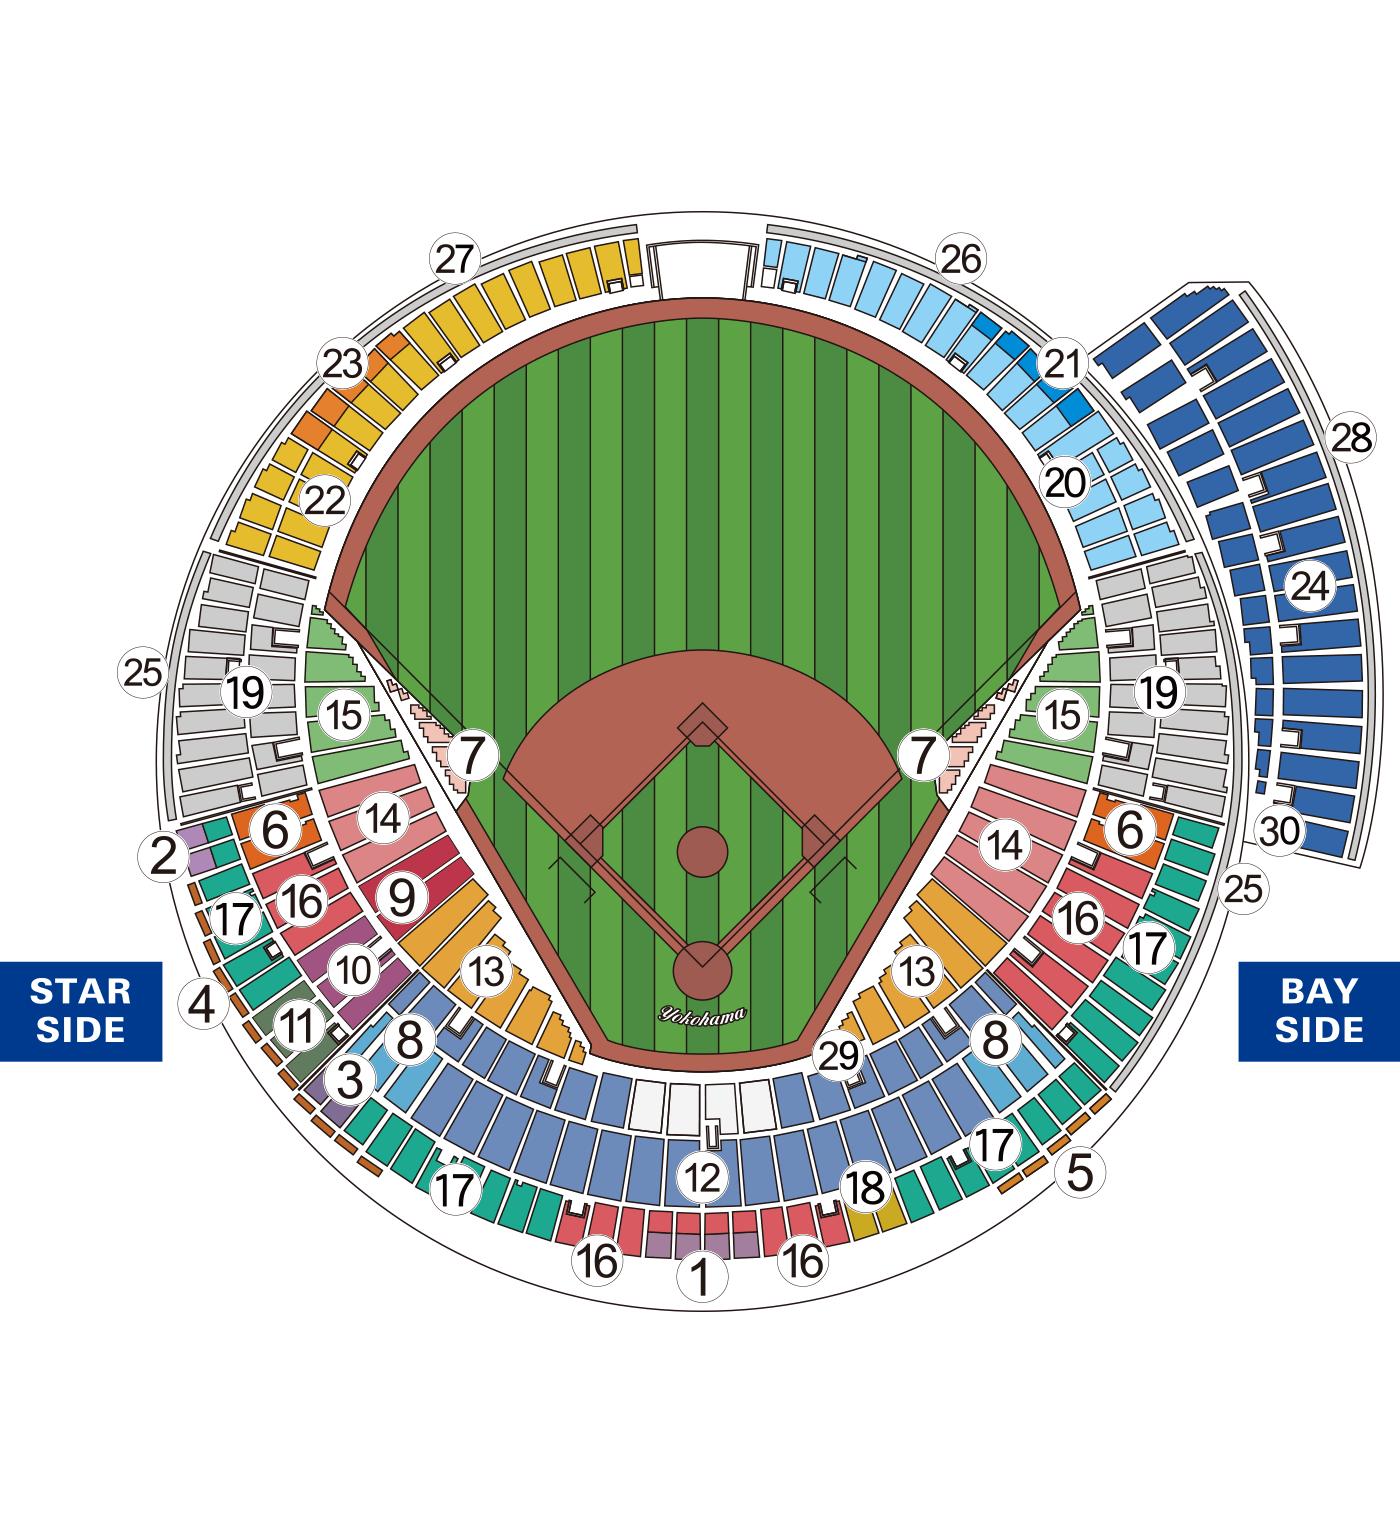 オープン戦座席図 L